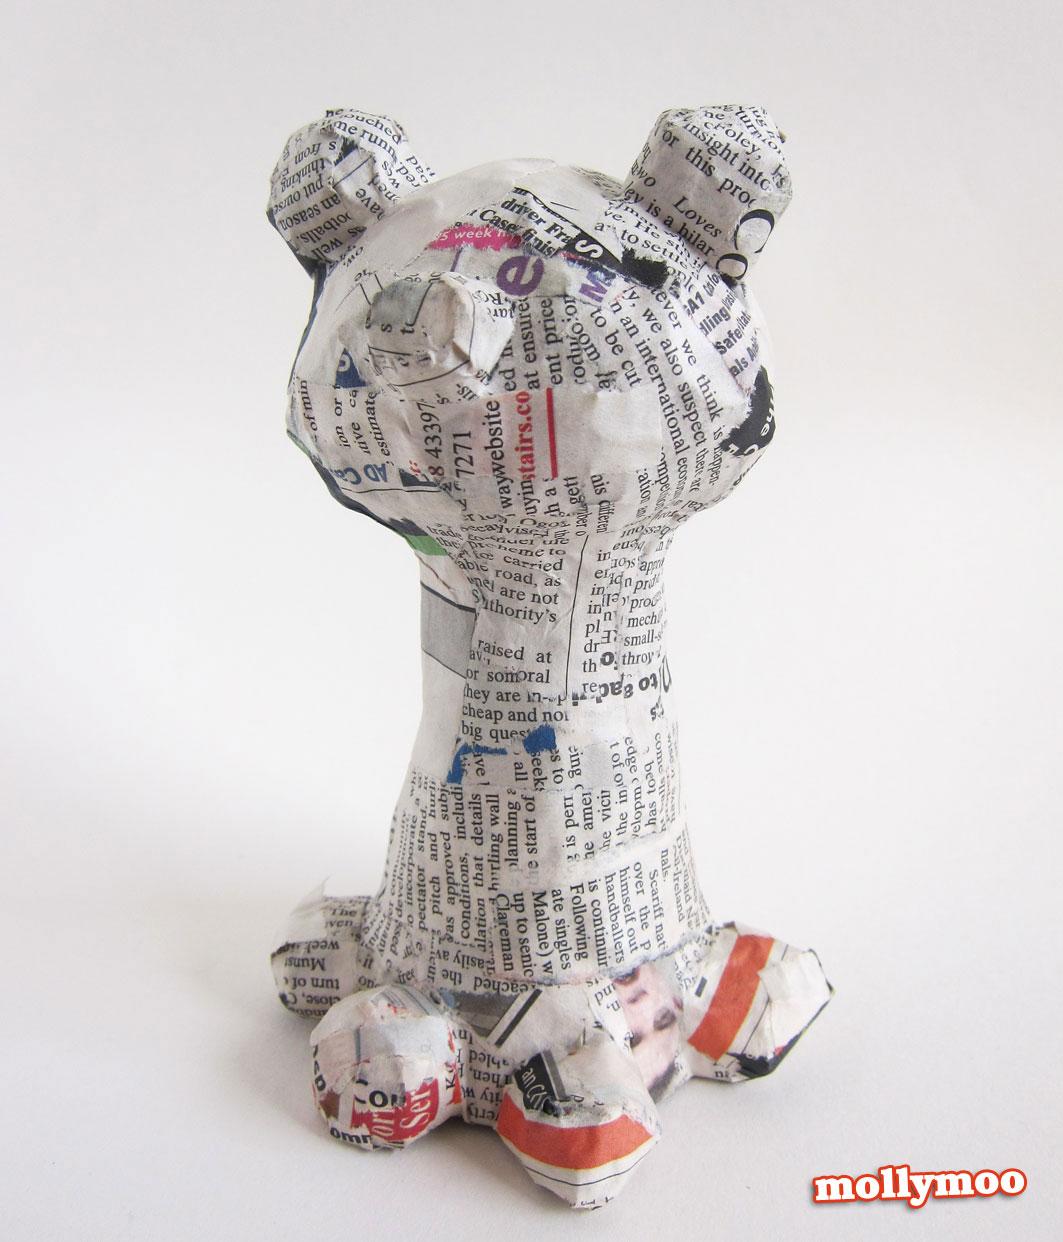 papier mache crafts for children